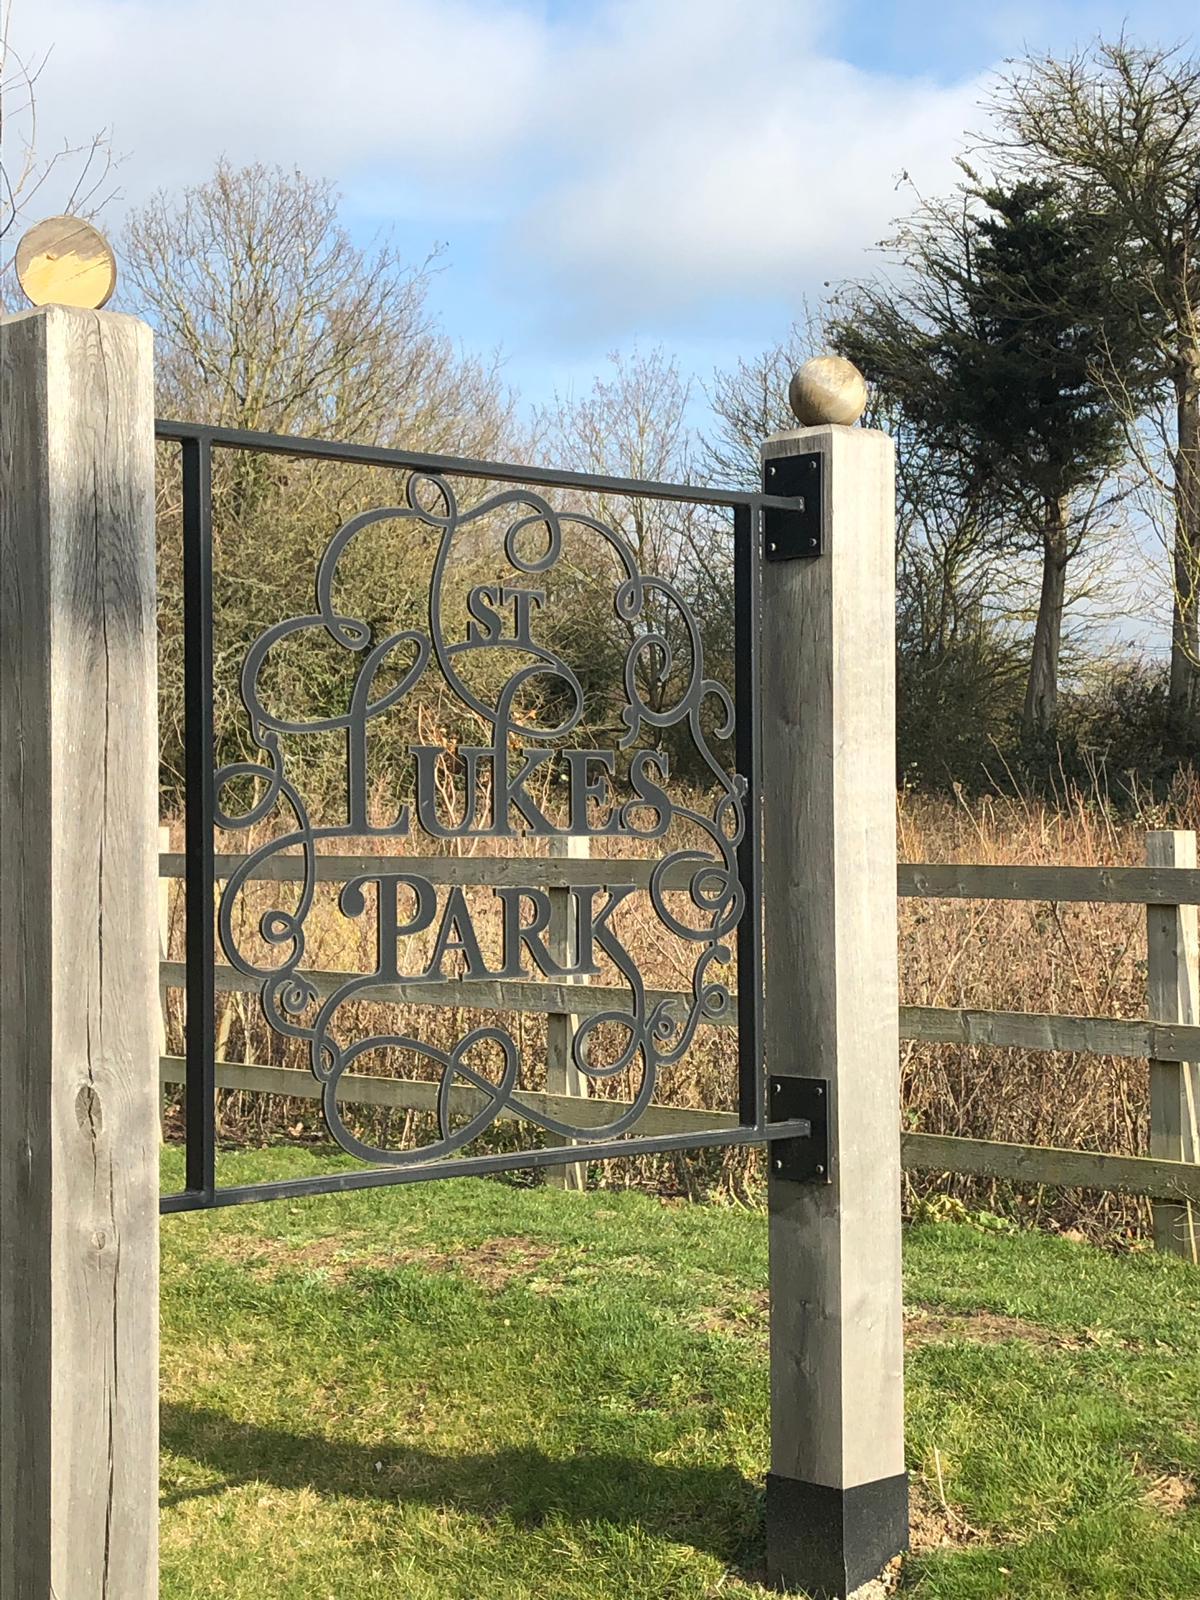 St Luke's Park